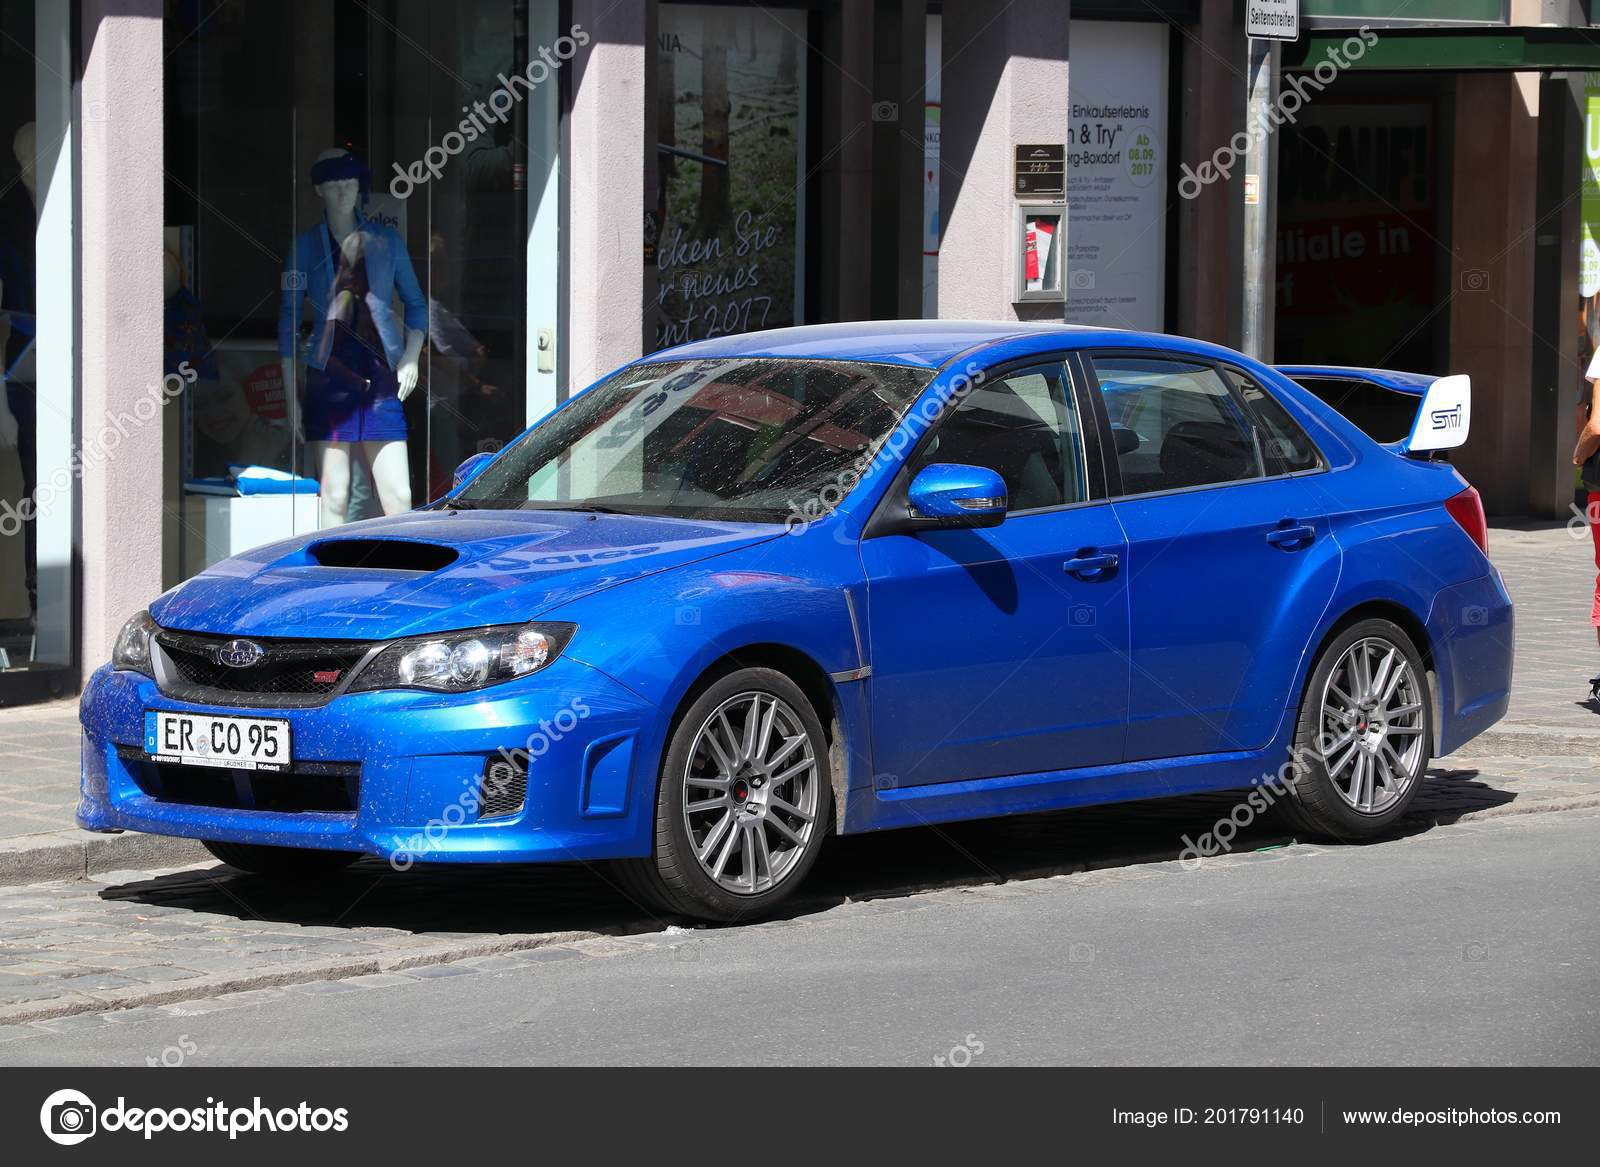 Nuremberg Germany May 2018 Blue Subaru Impreza Wrx Sti Sports